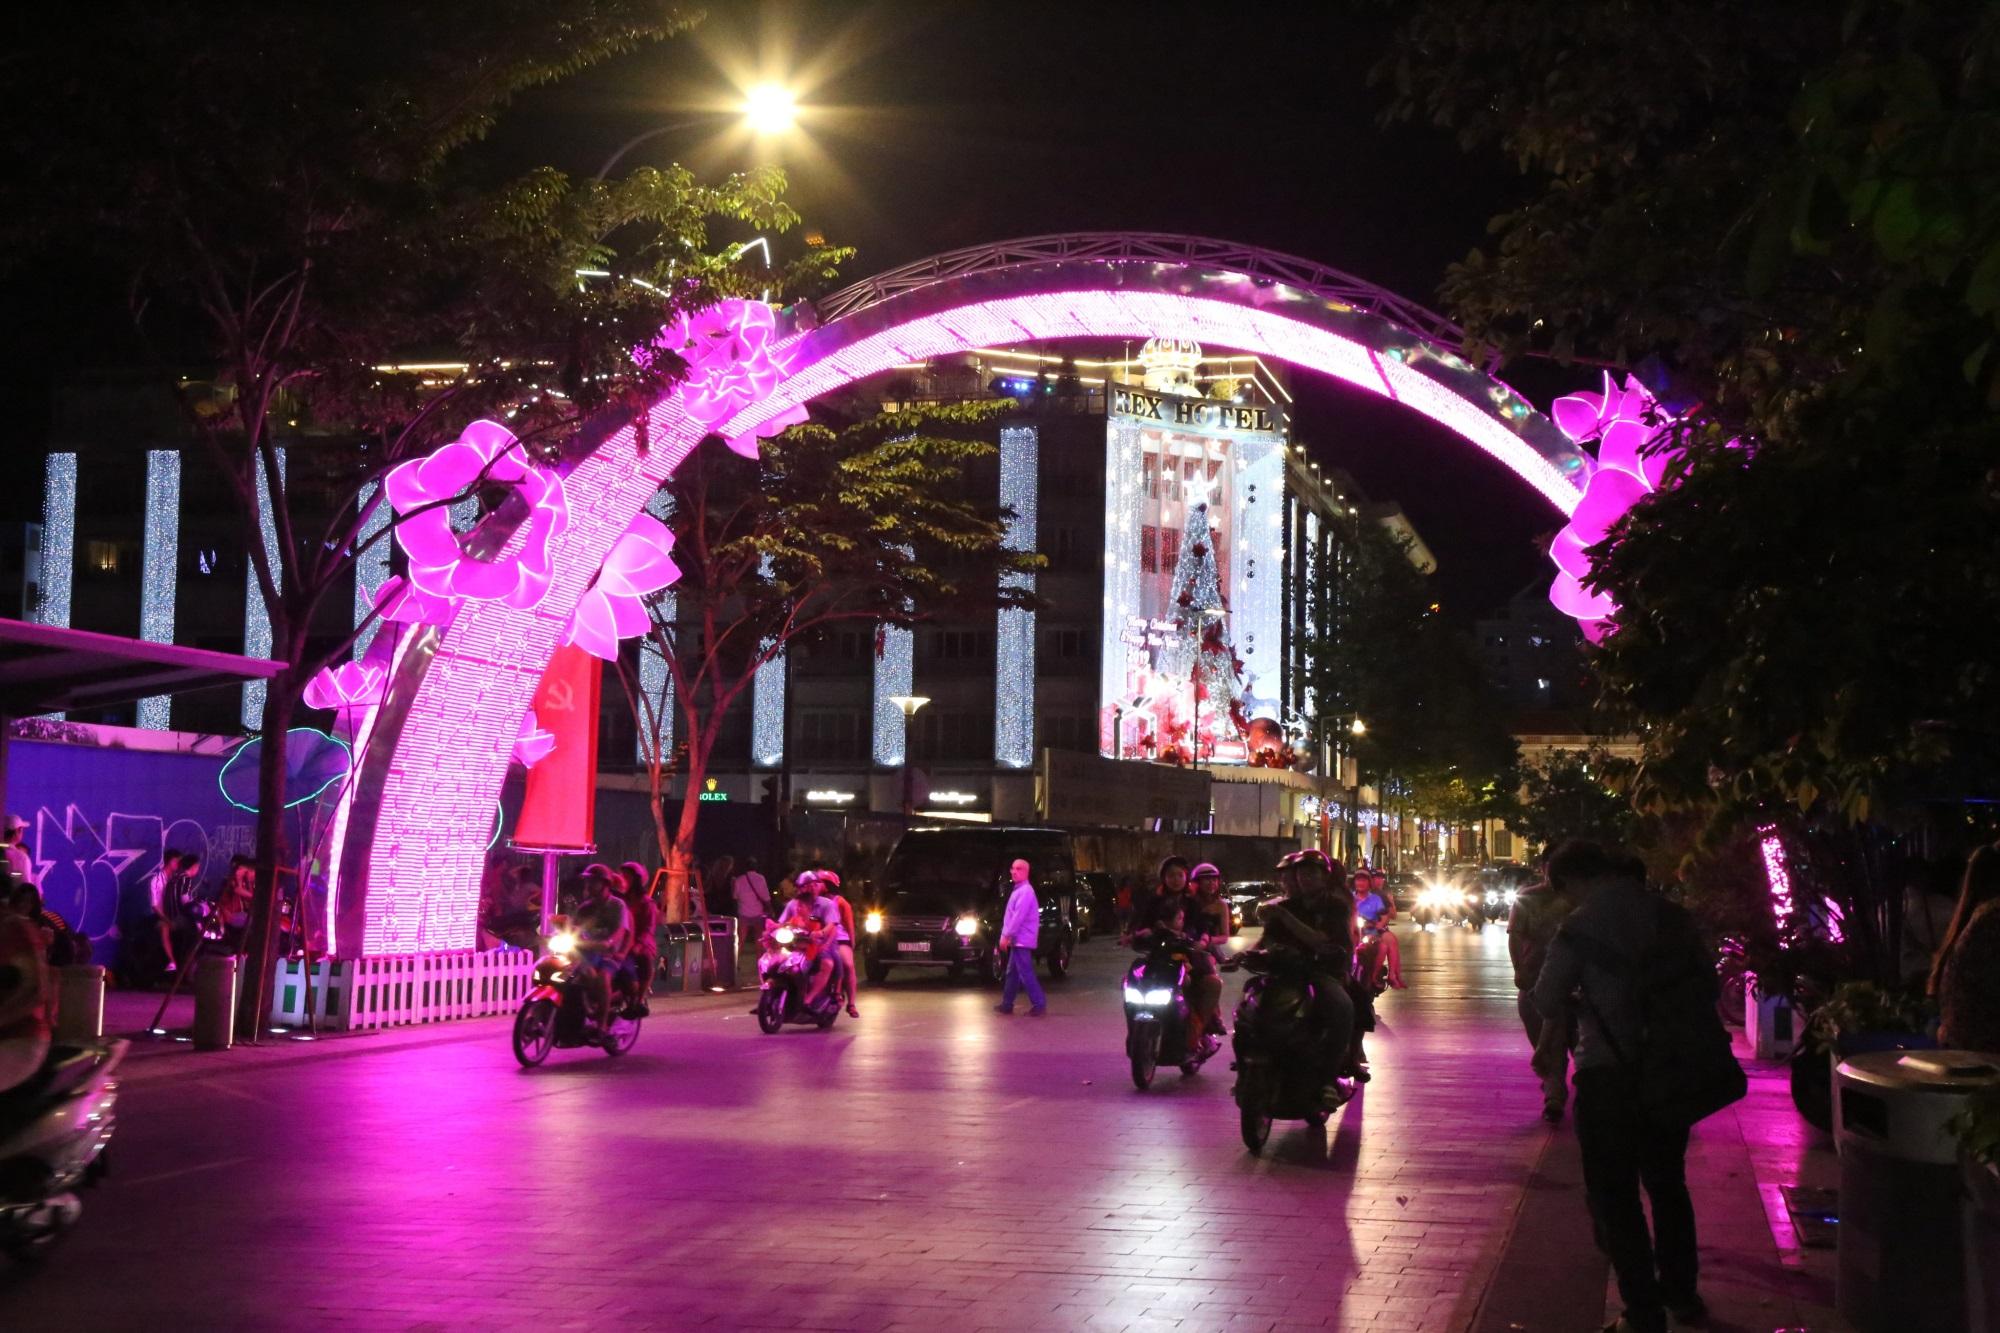 Hàng triệu người dân Sài Gòn xuống phố đón màn pháo hoa rực rỡ mừng năm mới 2019 - Ảnh 14